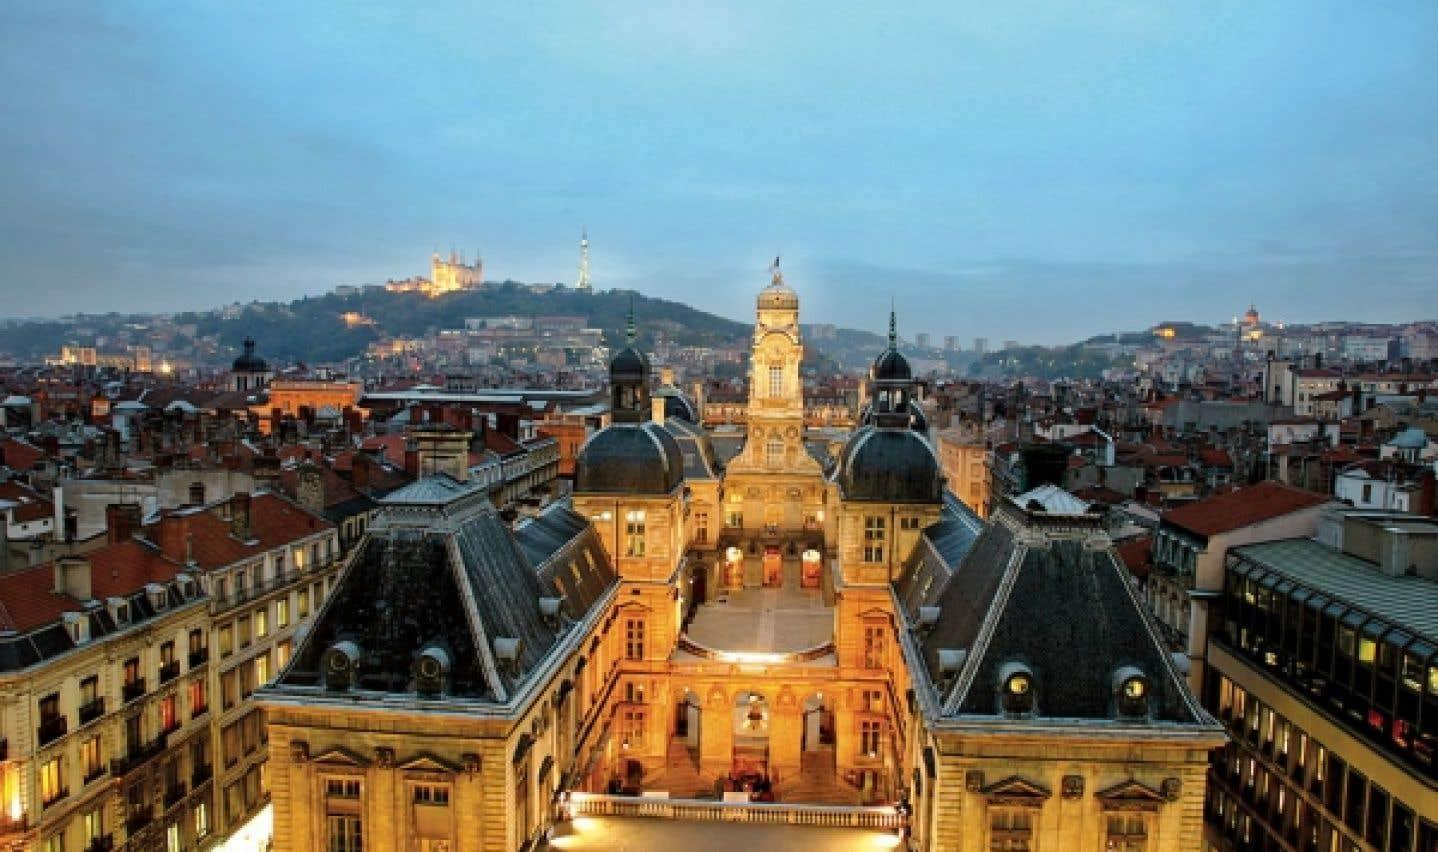 Une vingtaine de colloques des Entretiens Jacques Cartier réunissent environ 3000 participants à Lyon, en France.